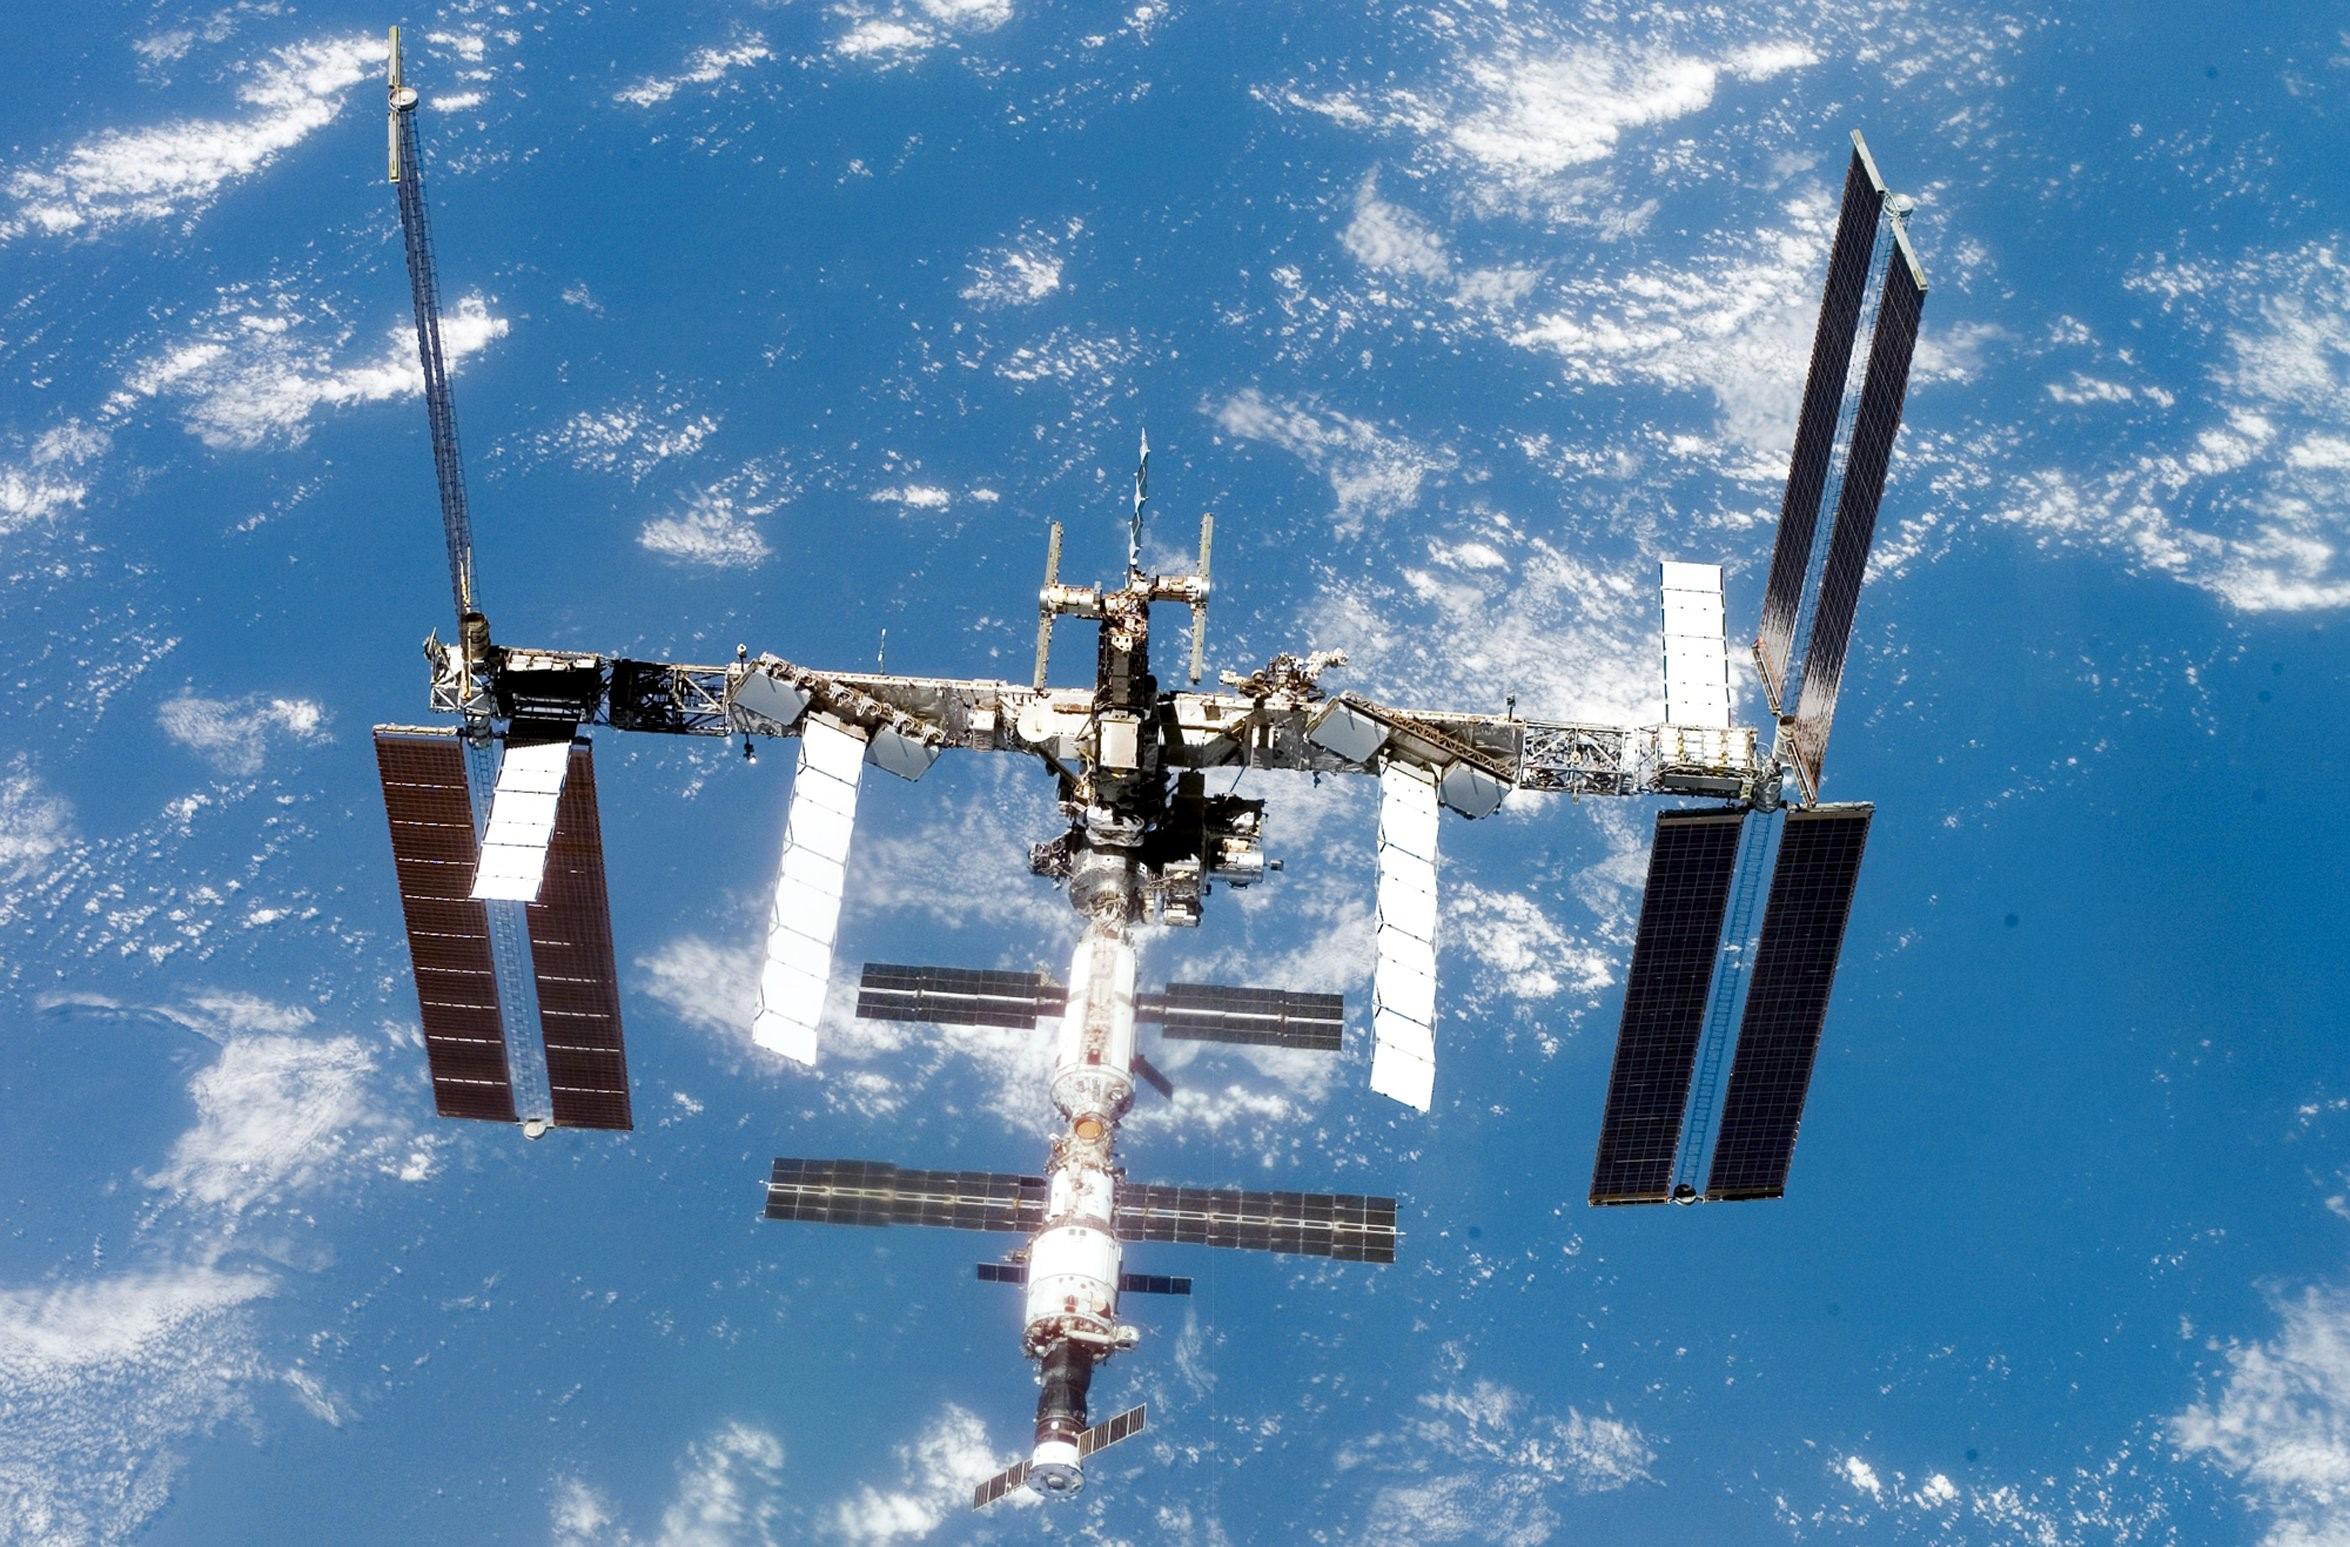 Levegő szivárog a Nemzetközi Űrállomás egyik űrkapszulájából